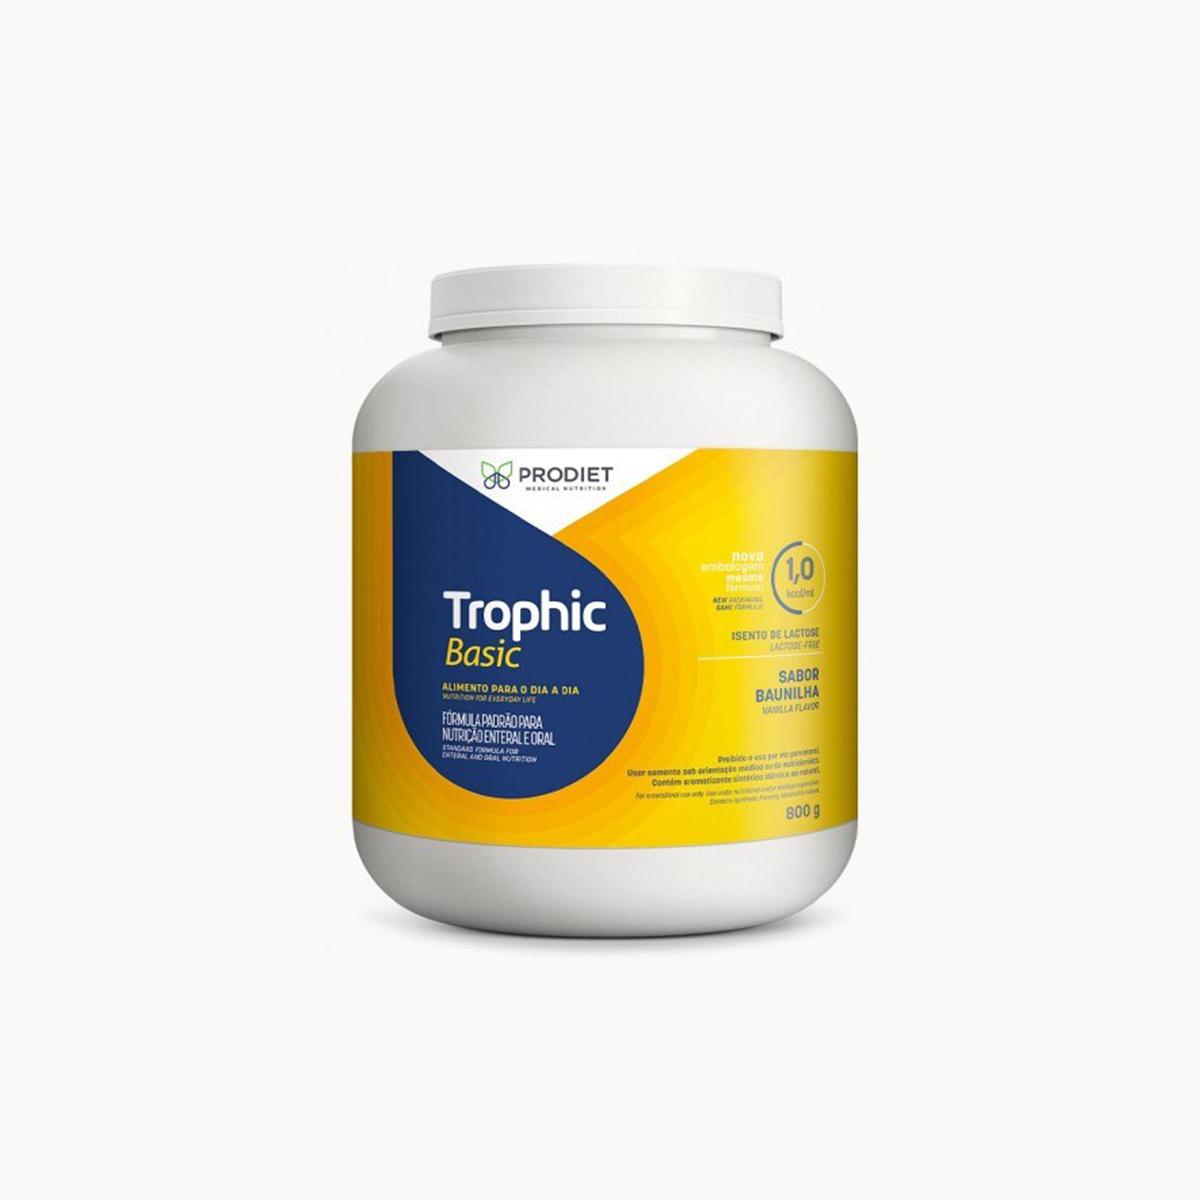 TROPHIC BASIC 800G (CX C/08UNDS) - PRODIET